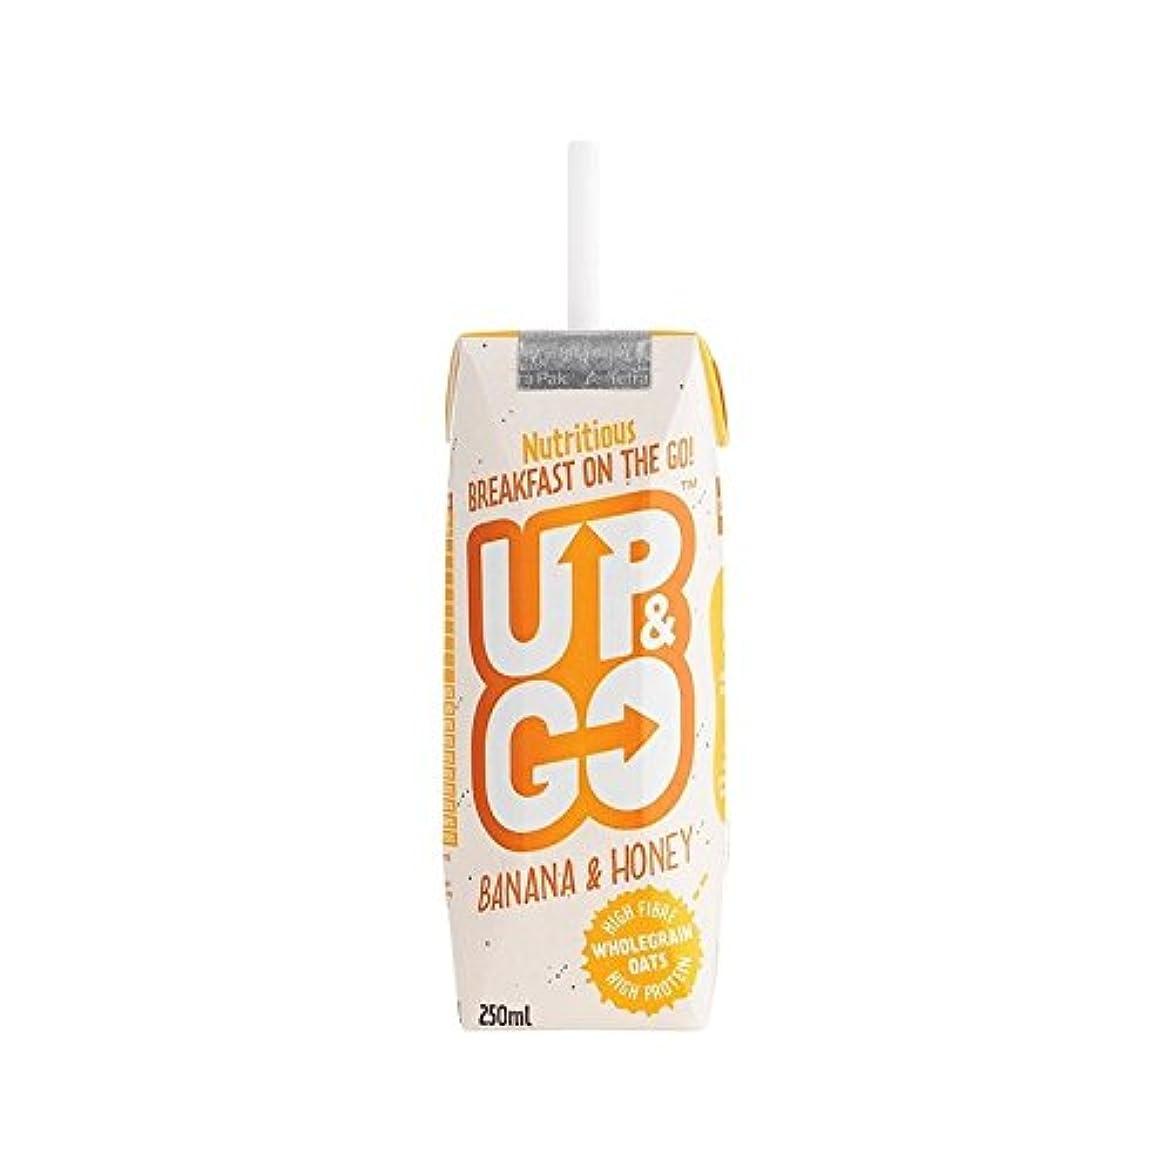 取り戻す高音フォーマルオート麦の250ミリリットルとバナナ&ハニー朝食ドリンク (Up&Go) (x 6) - Up&Go Banana & Honey Breakfast Drink with Oats 250ml (Pack of 6)...